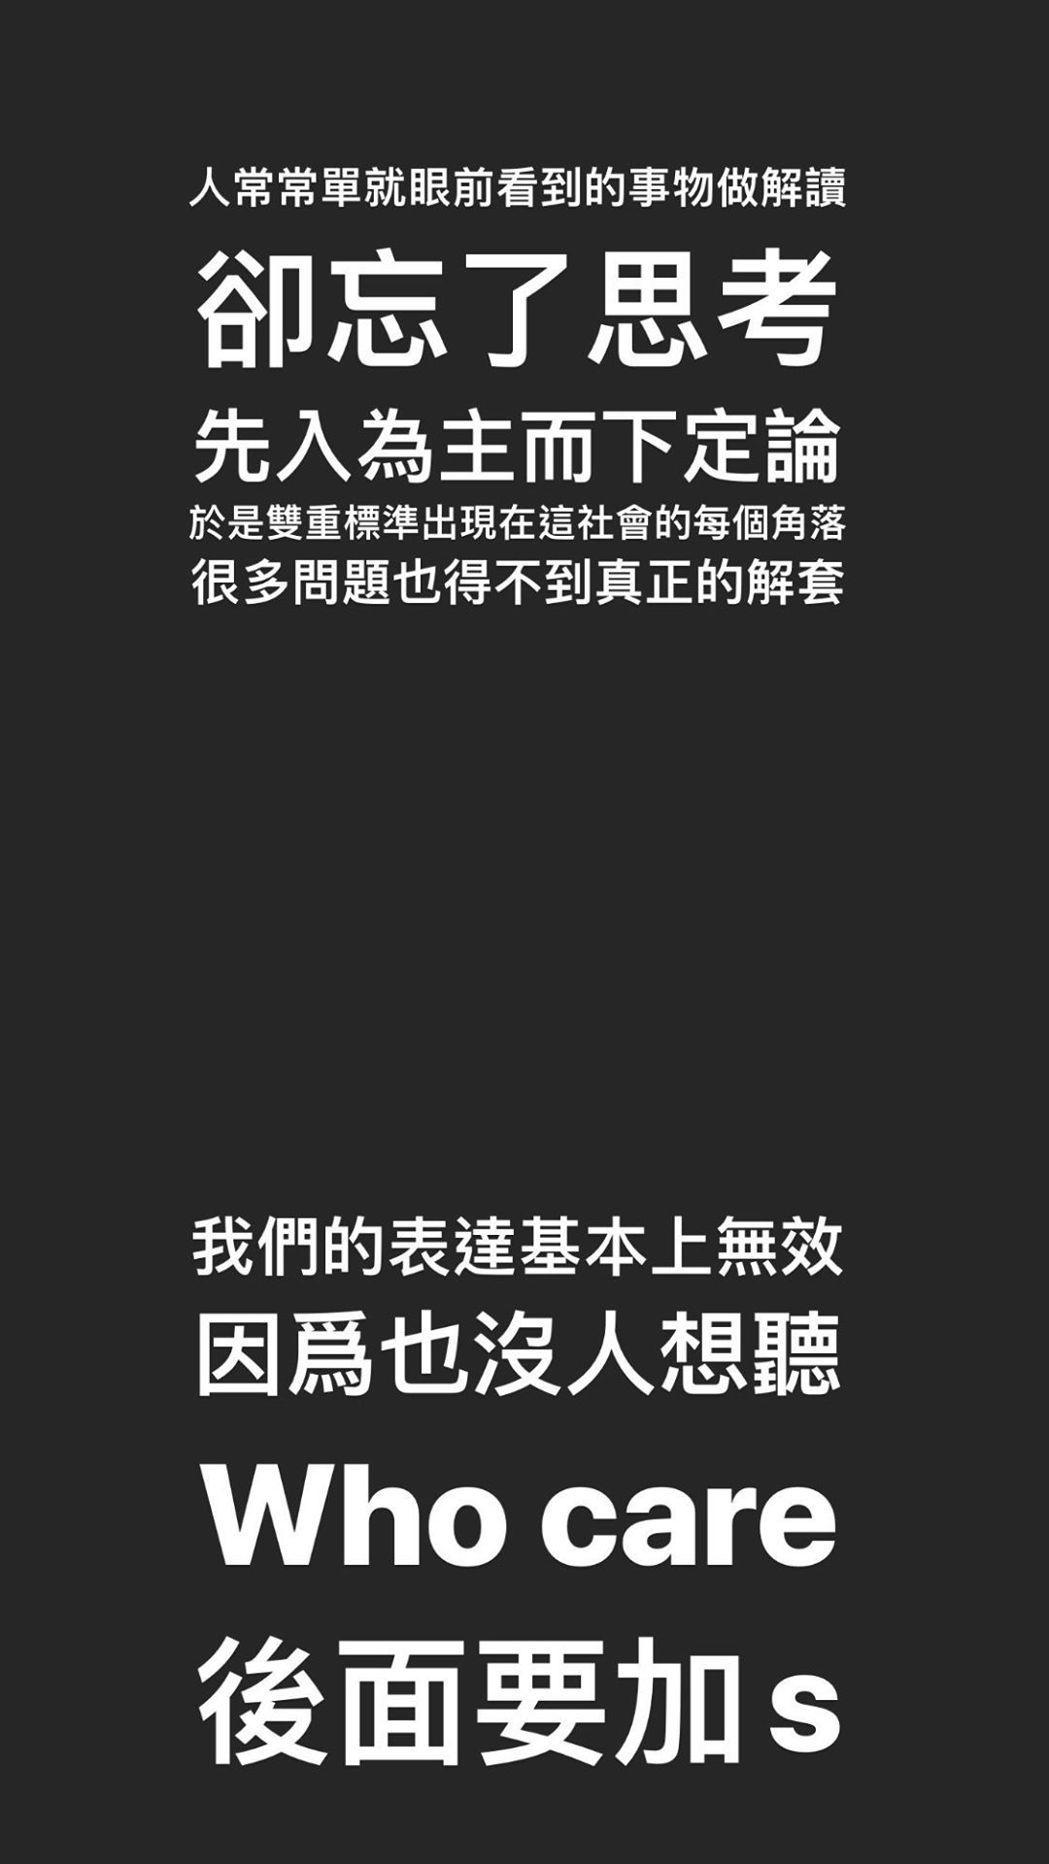 反骨男孩的酷炫疑似回應影片惹議的問題。 圖/擷自酷炫IG